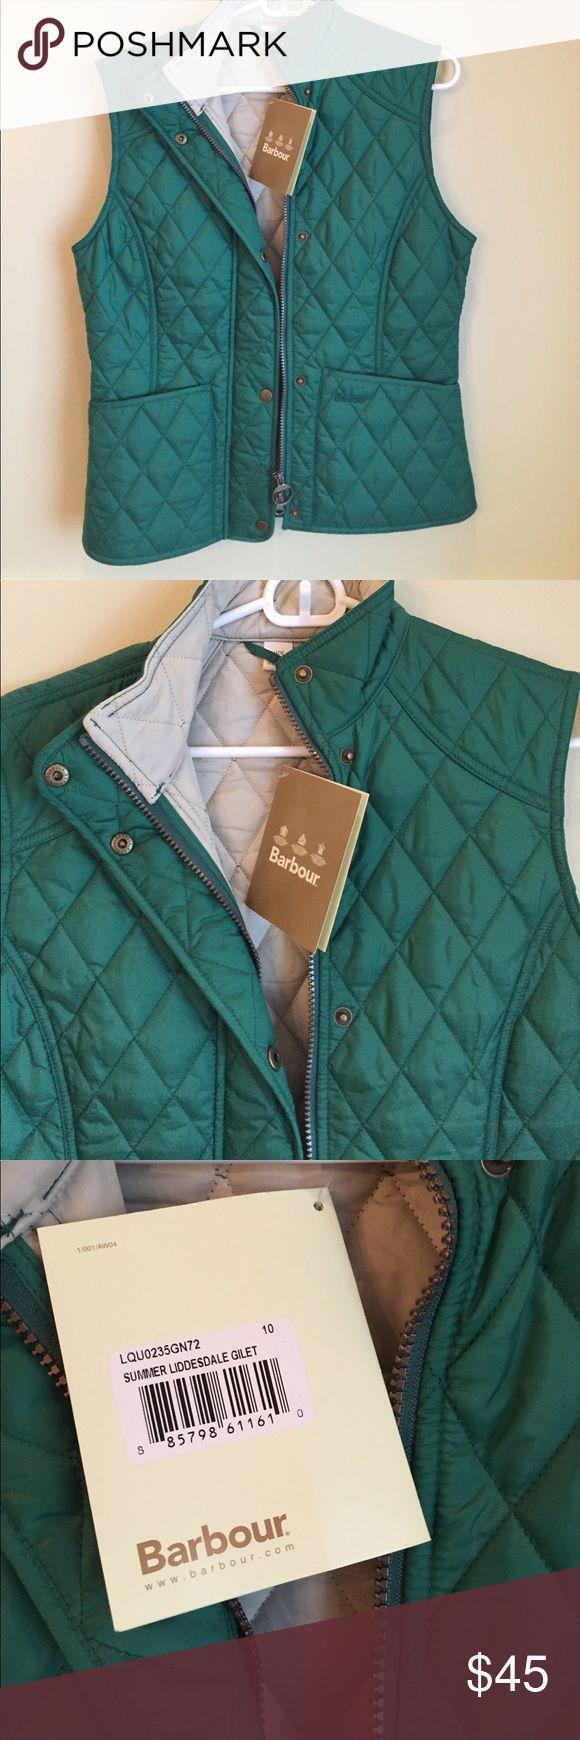 Barbour Vest Never been worn Green Barbour Vest! Barbour Jackets & Coats Vests